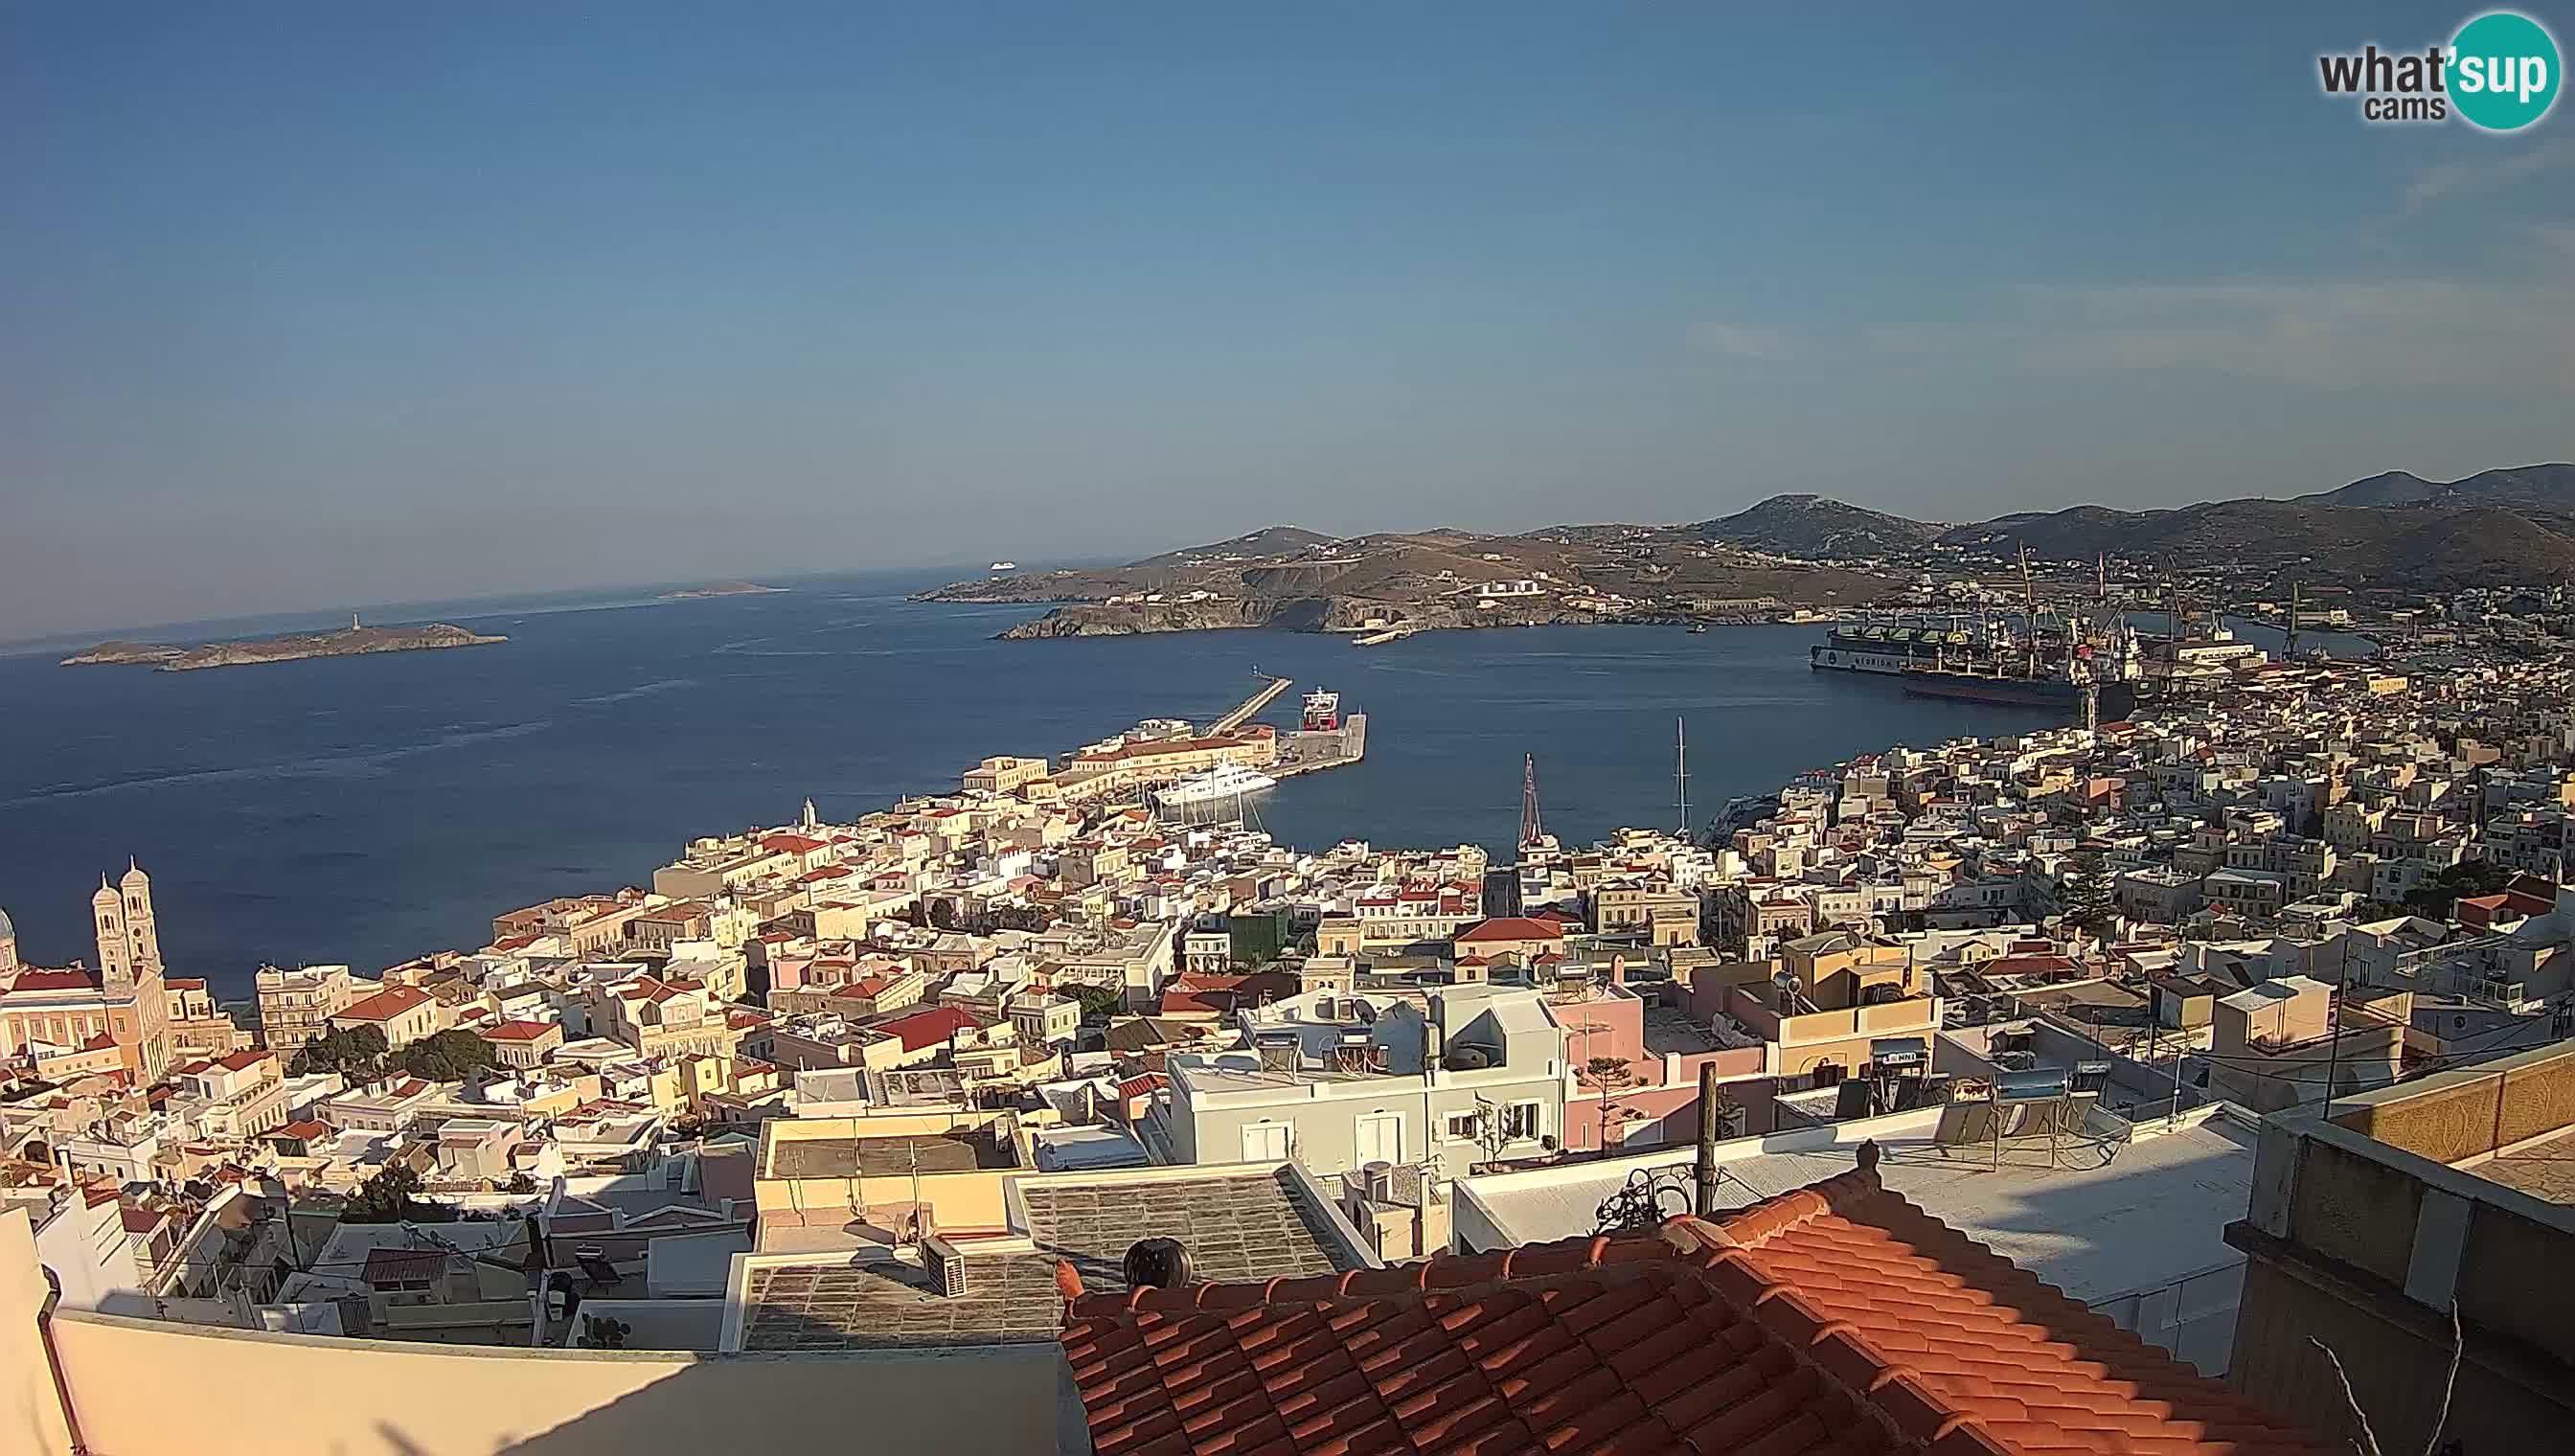 Vue panoramique de Ηermoupolis et le port de Syros